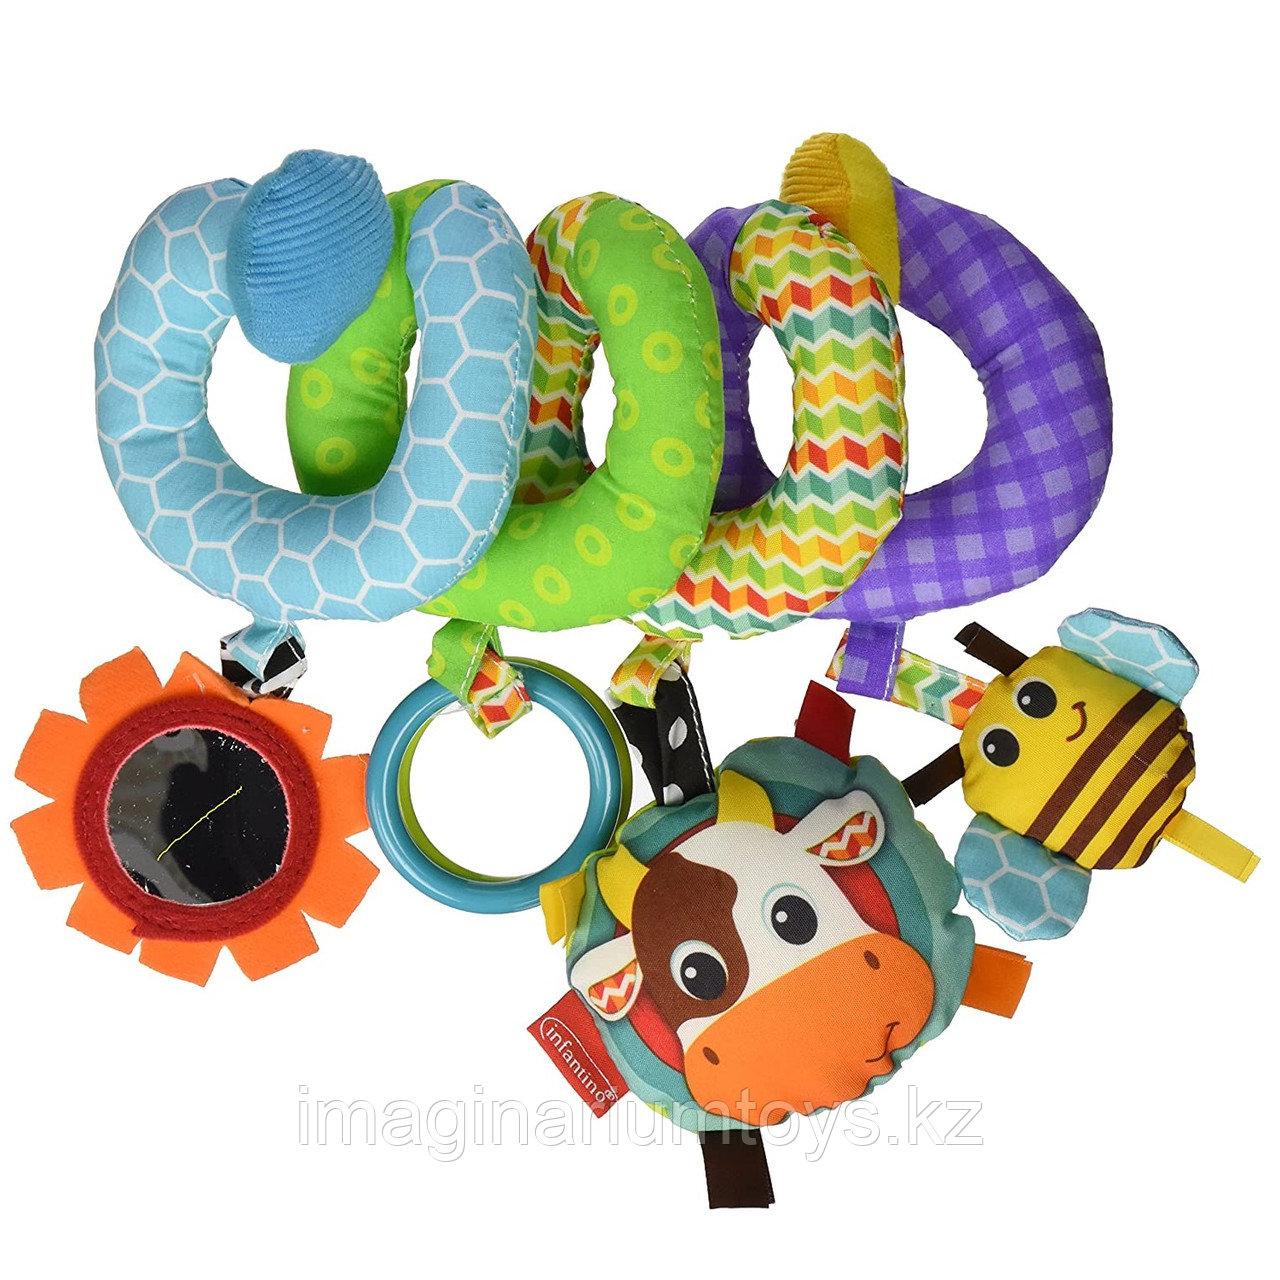 Развивающая игрушка спираль Infantino